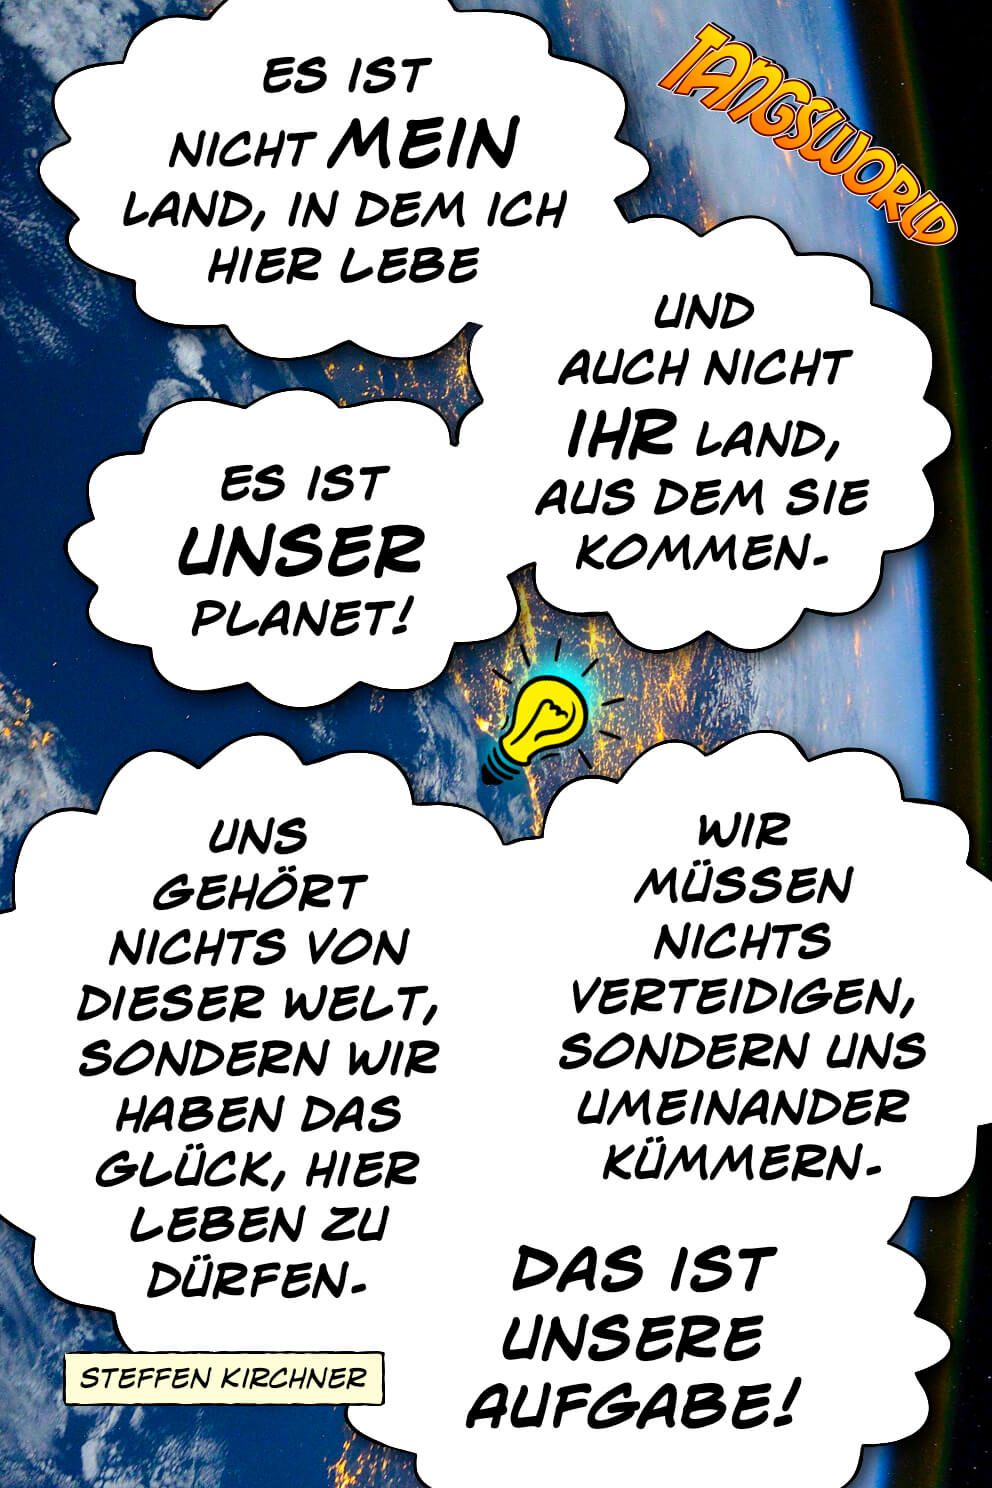 Es ist nicht »mein« Land, in dem ich hier lebe und auch nicht »ihr« Land, aus dem sie kommen. Es ist »unser« Planet! Uns gehört nichts von dieser Welt, sondern wir haben das Glück, hier leben zu dürfen. Wir müssen nichts verteidigen, sondern uns umeinander kümmern. Das ist unsere Aufgabe! - Geistesblitze | Steffen Kirchner